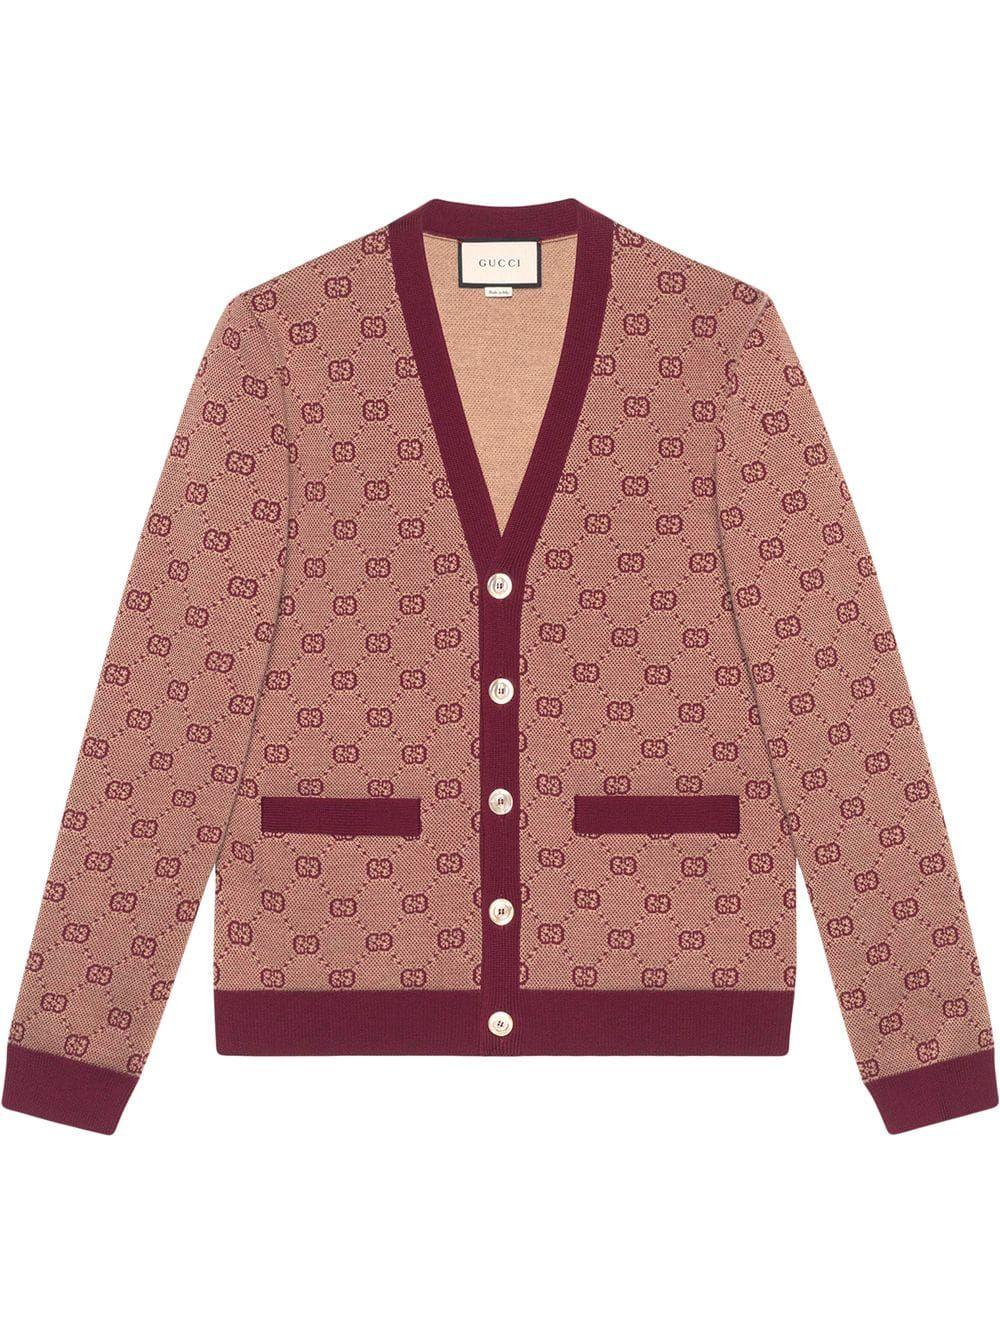 aff9cb5f3d GUCCI GUCCI GG JACQUARD KNIT CARDIGAN - ROT. #gucci #cloth   Gucci ...